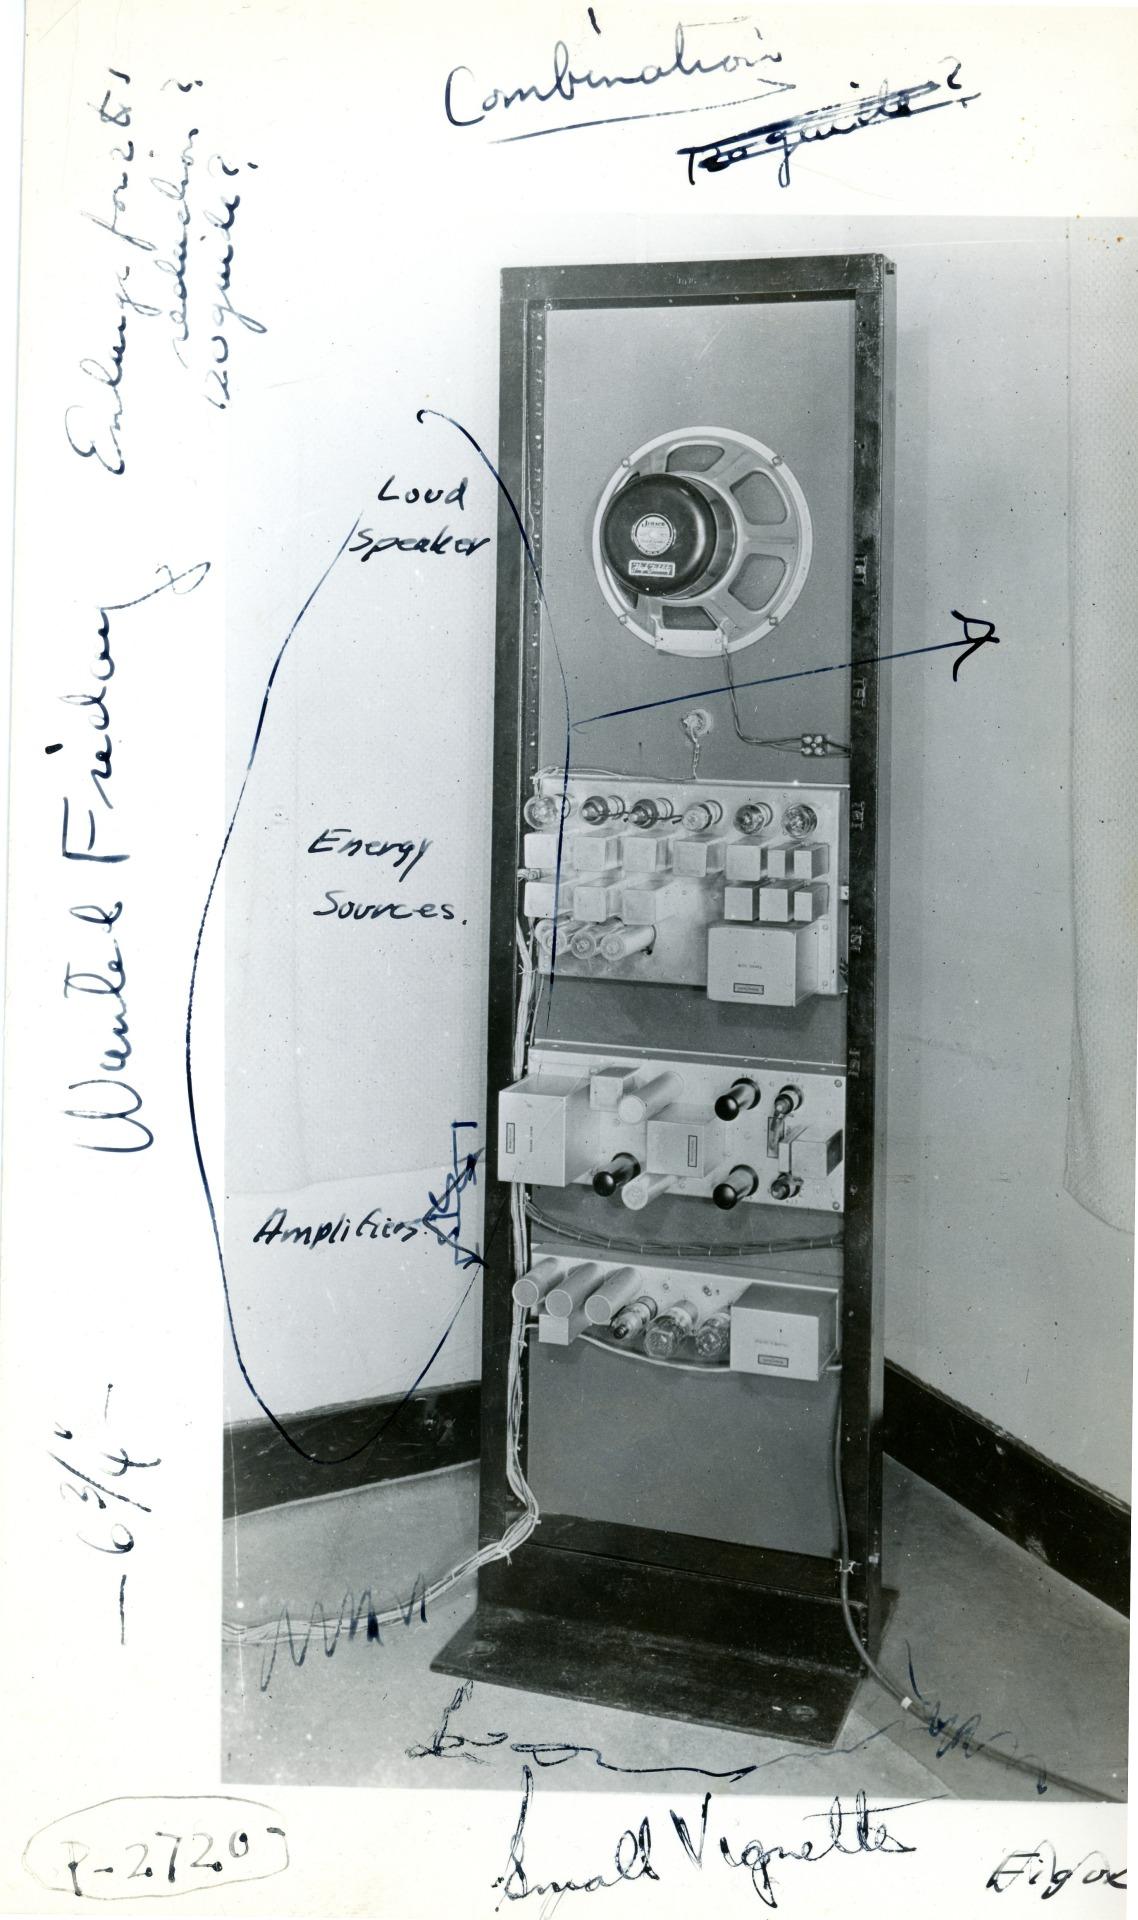 Una vista posteriore del Vocoder, con alcune spiegazioni annotate a mano sulla foto.